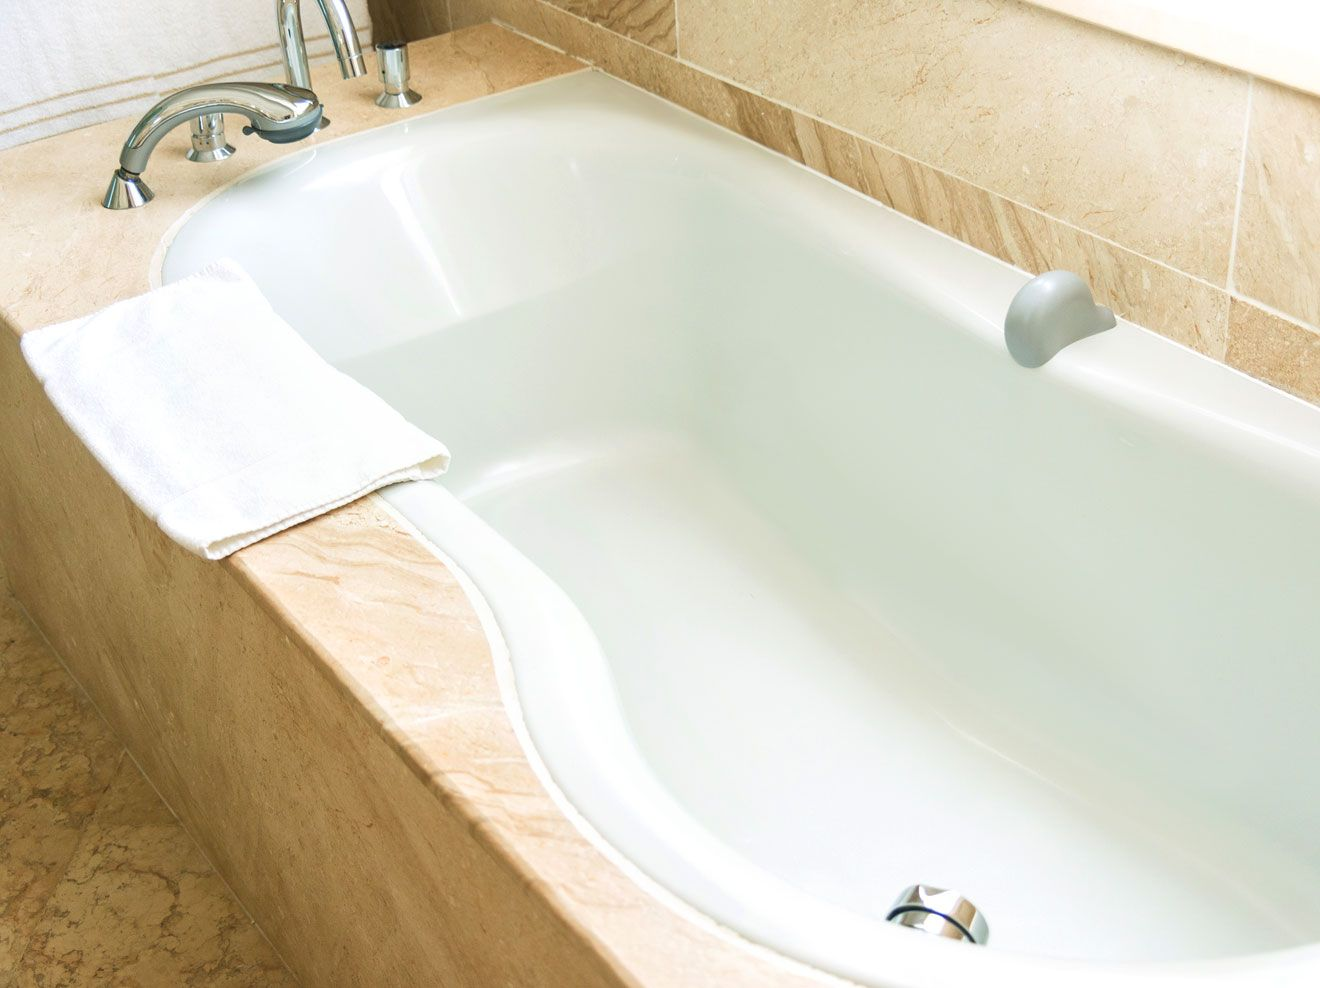 Badewanne Reinigen Diese Hausmittel Sorgen Fur Glanz Mit Bildern Badewanne Reinigen Badewanne Duschwanne